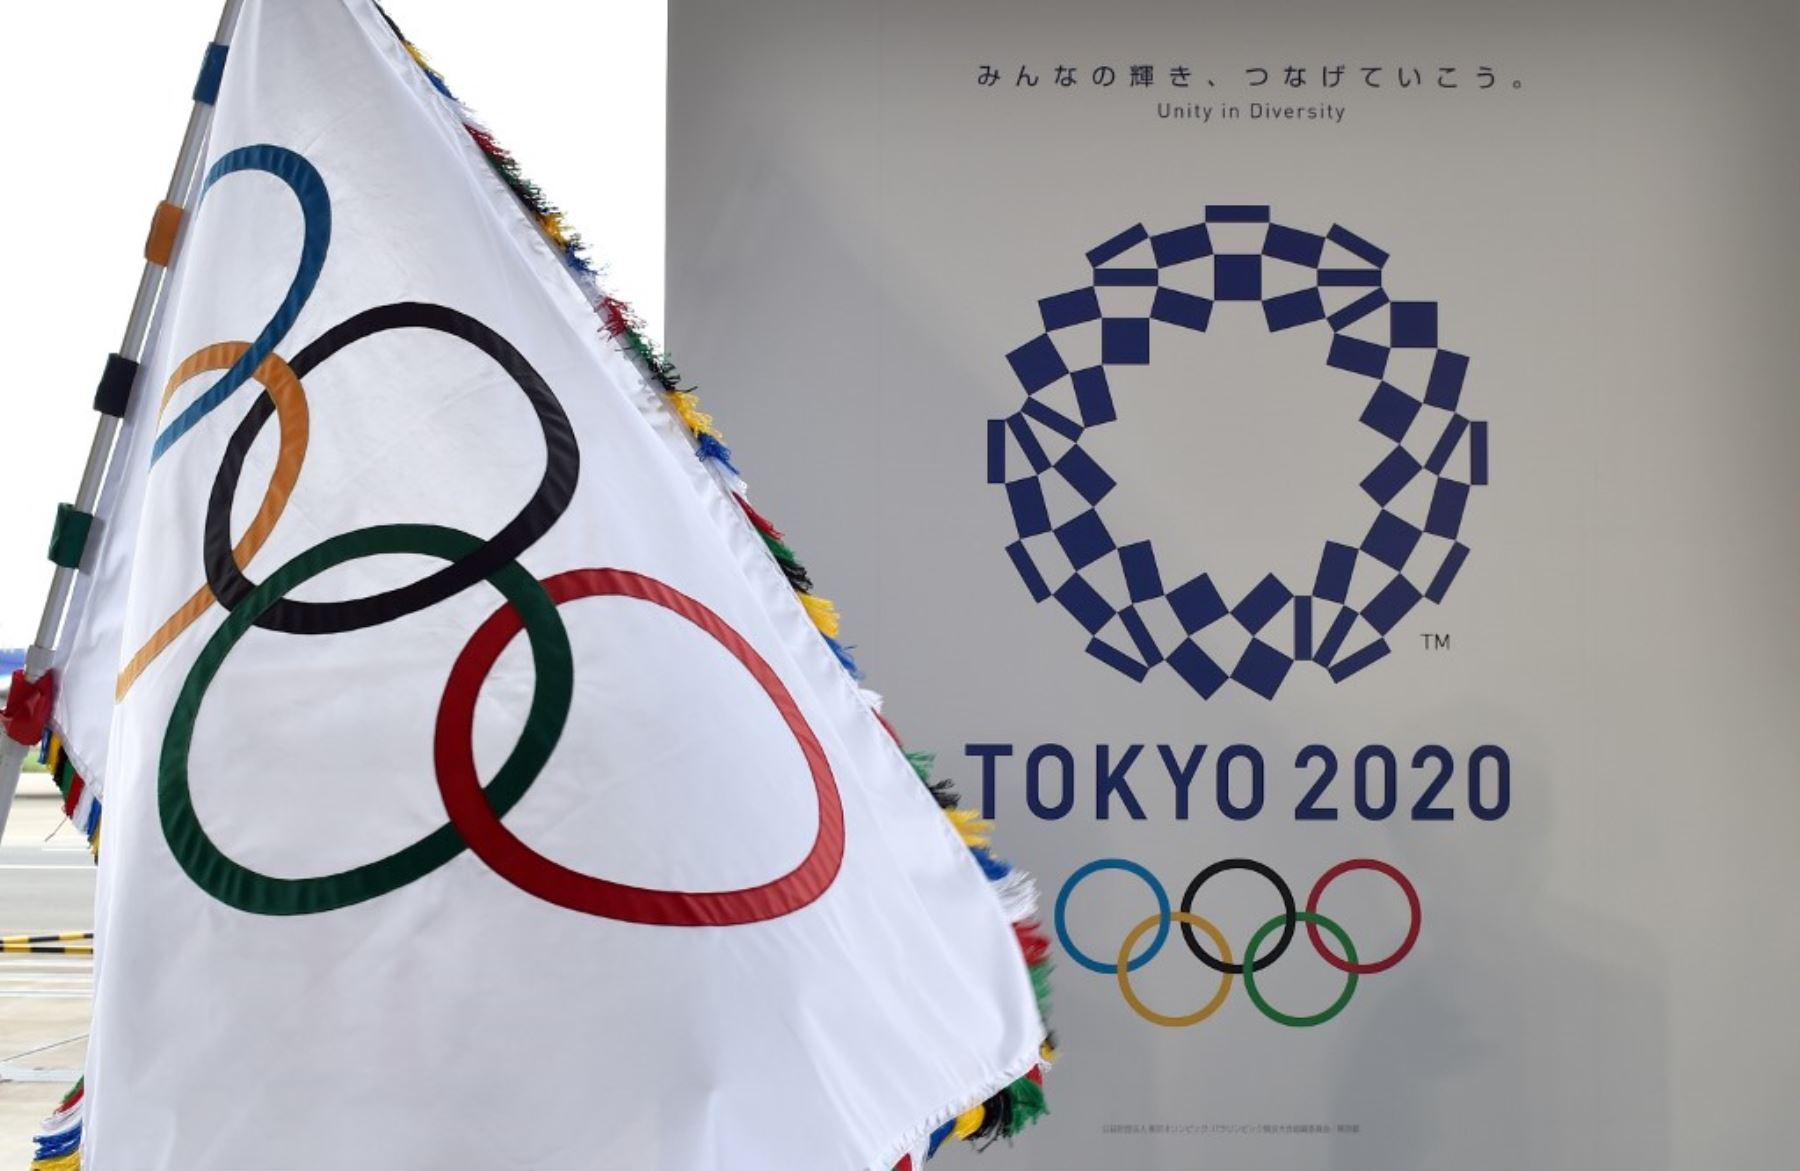 América Latina apoya decisión del Comité Olímpico Internacional de aplazar los Juegos Olímpicos Tokio 2020